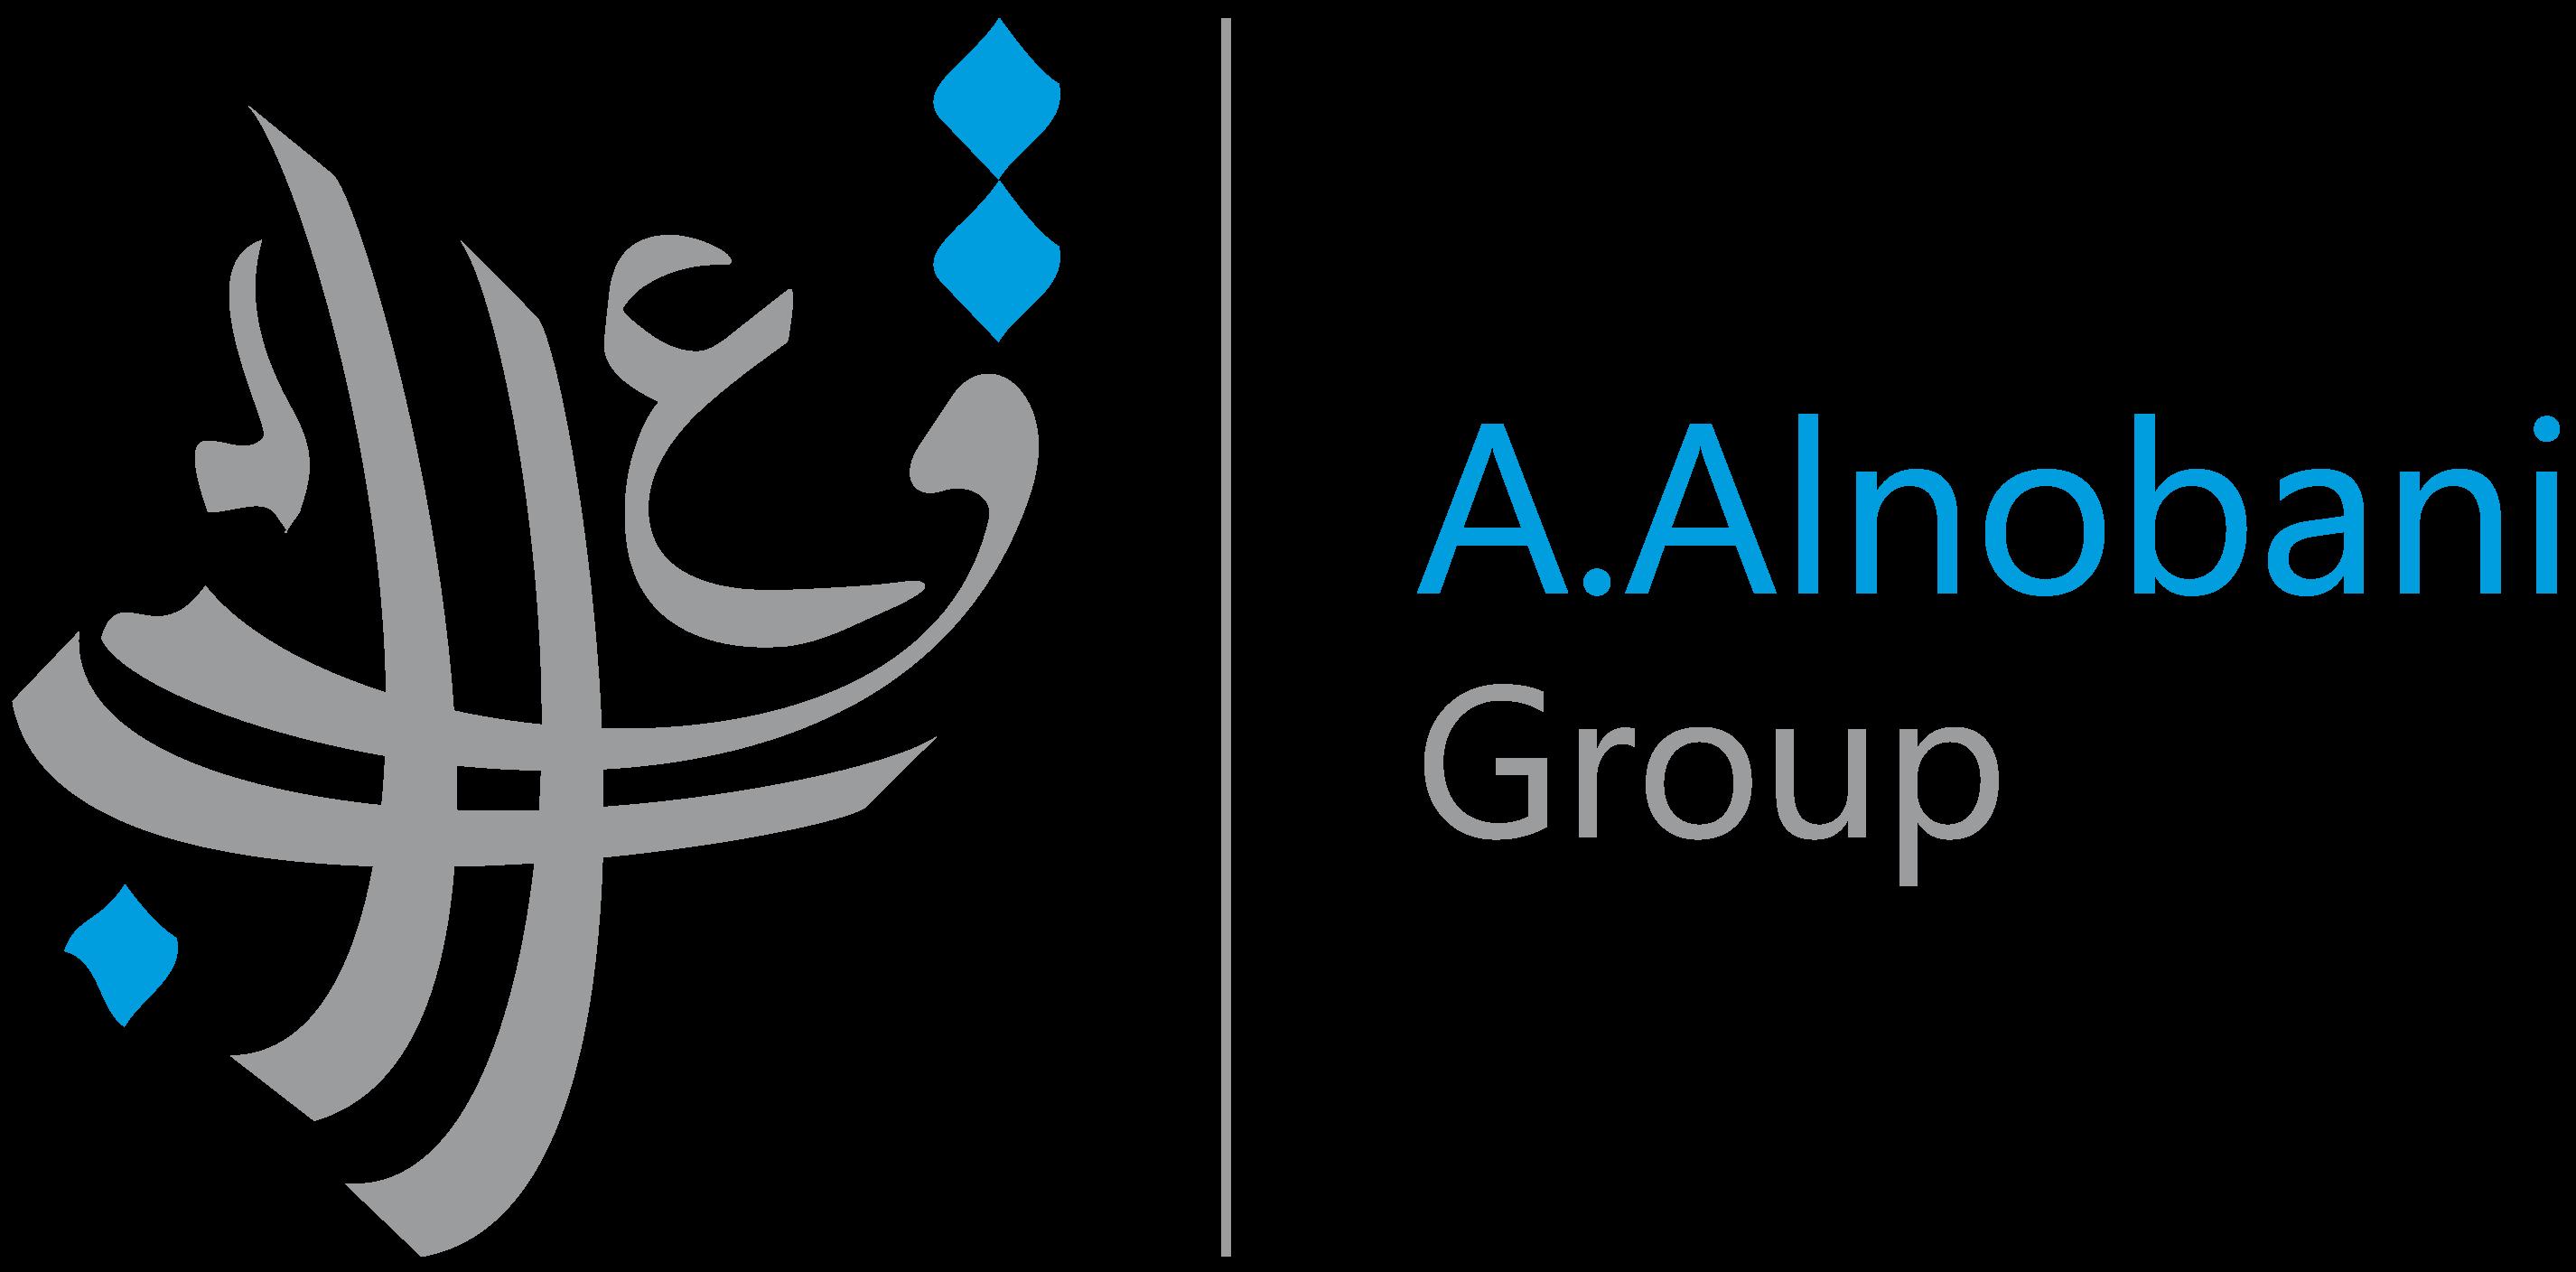 A.Alnobani